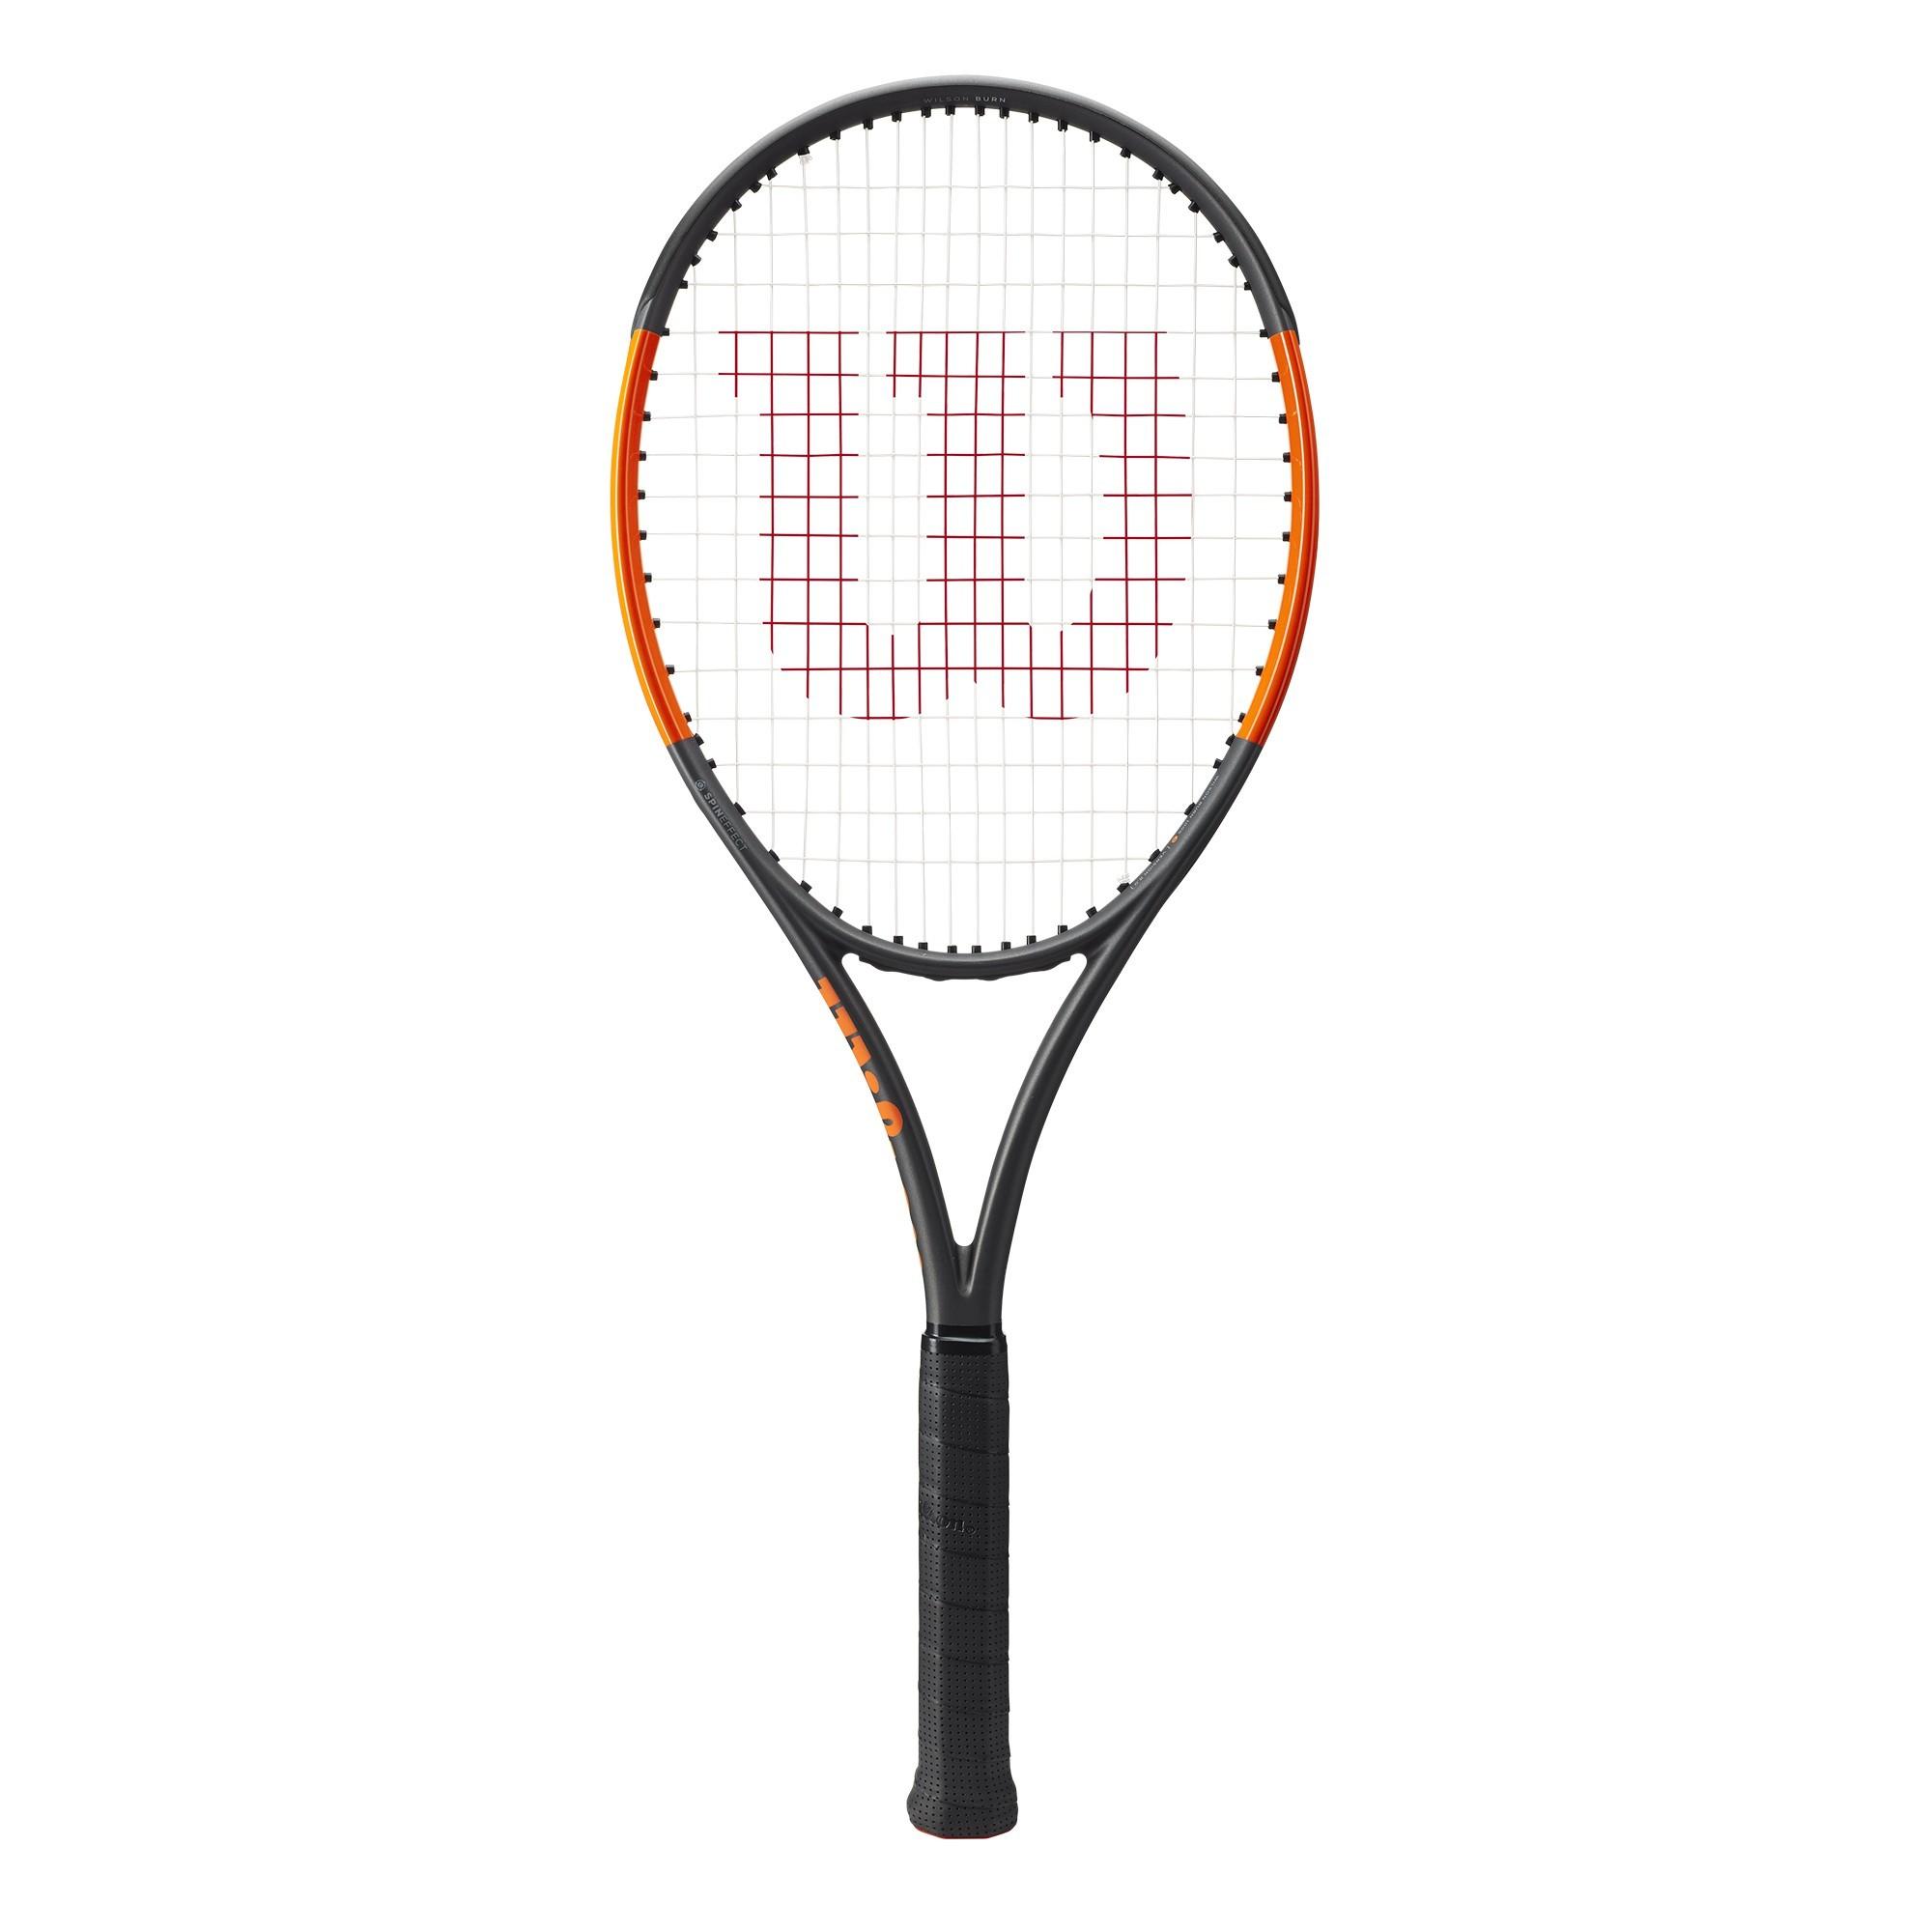 Rakieta tenisowa Wilson Burn 100S Countervail + naciąg Luxilon